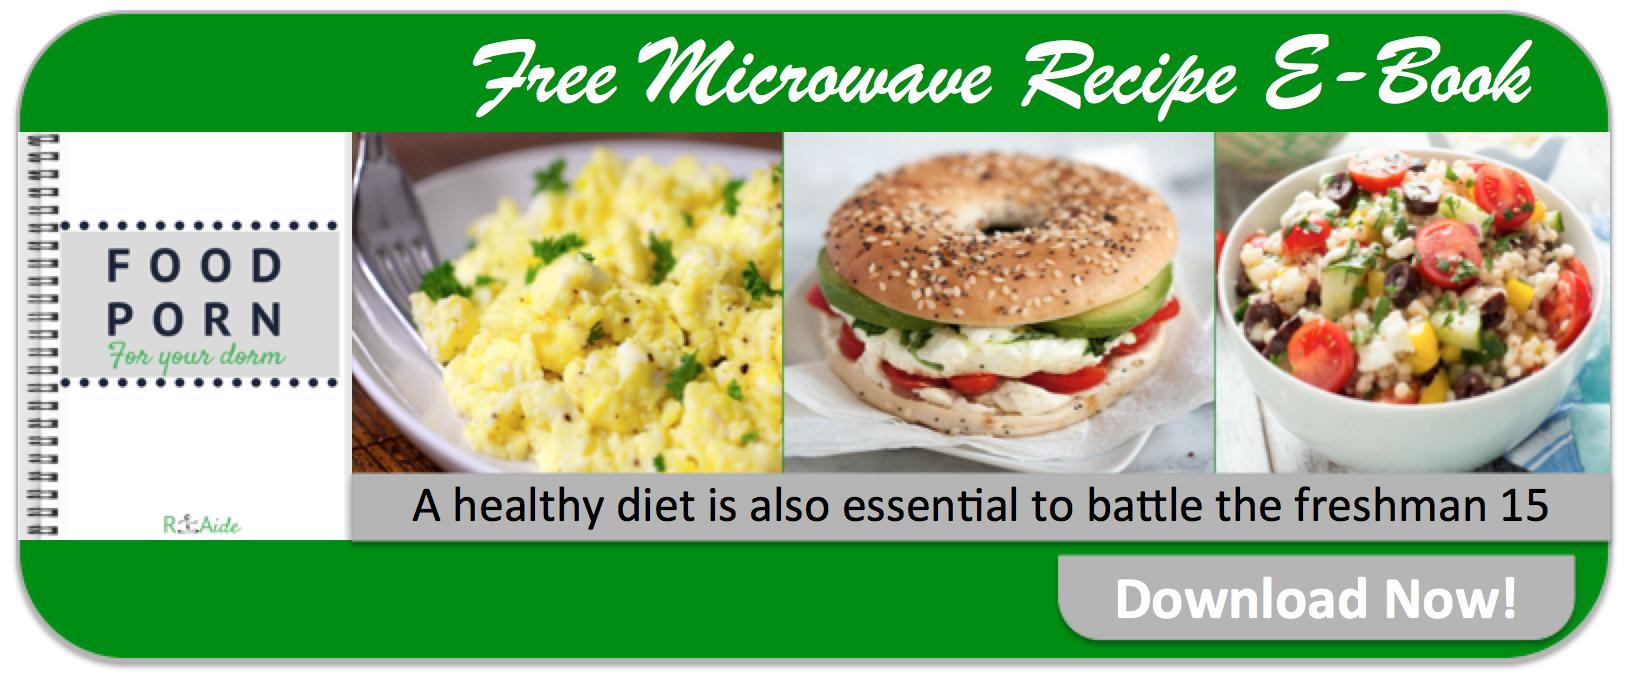 Download the free dorm recipe e-book